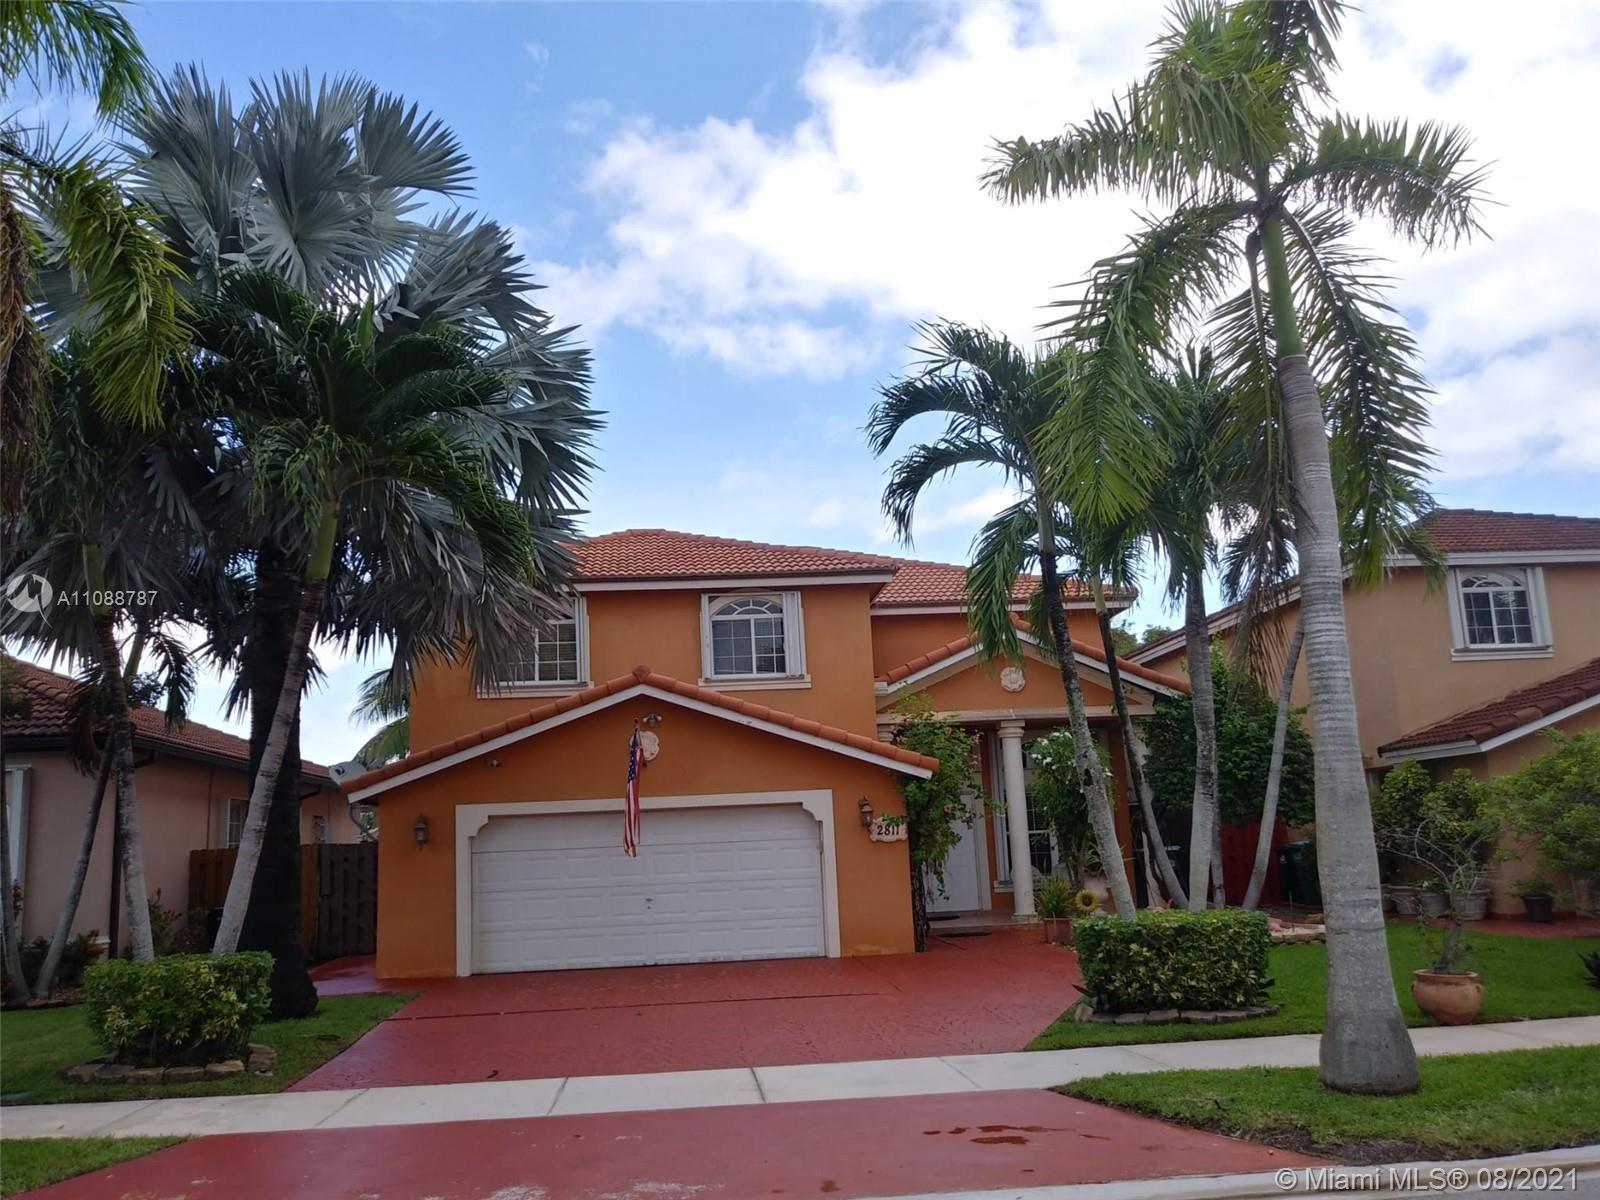 2811 SW 149th Pl, Miami, FL 33185 - #: A11088787